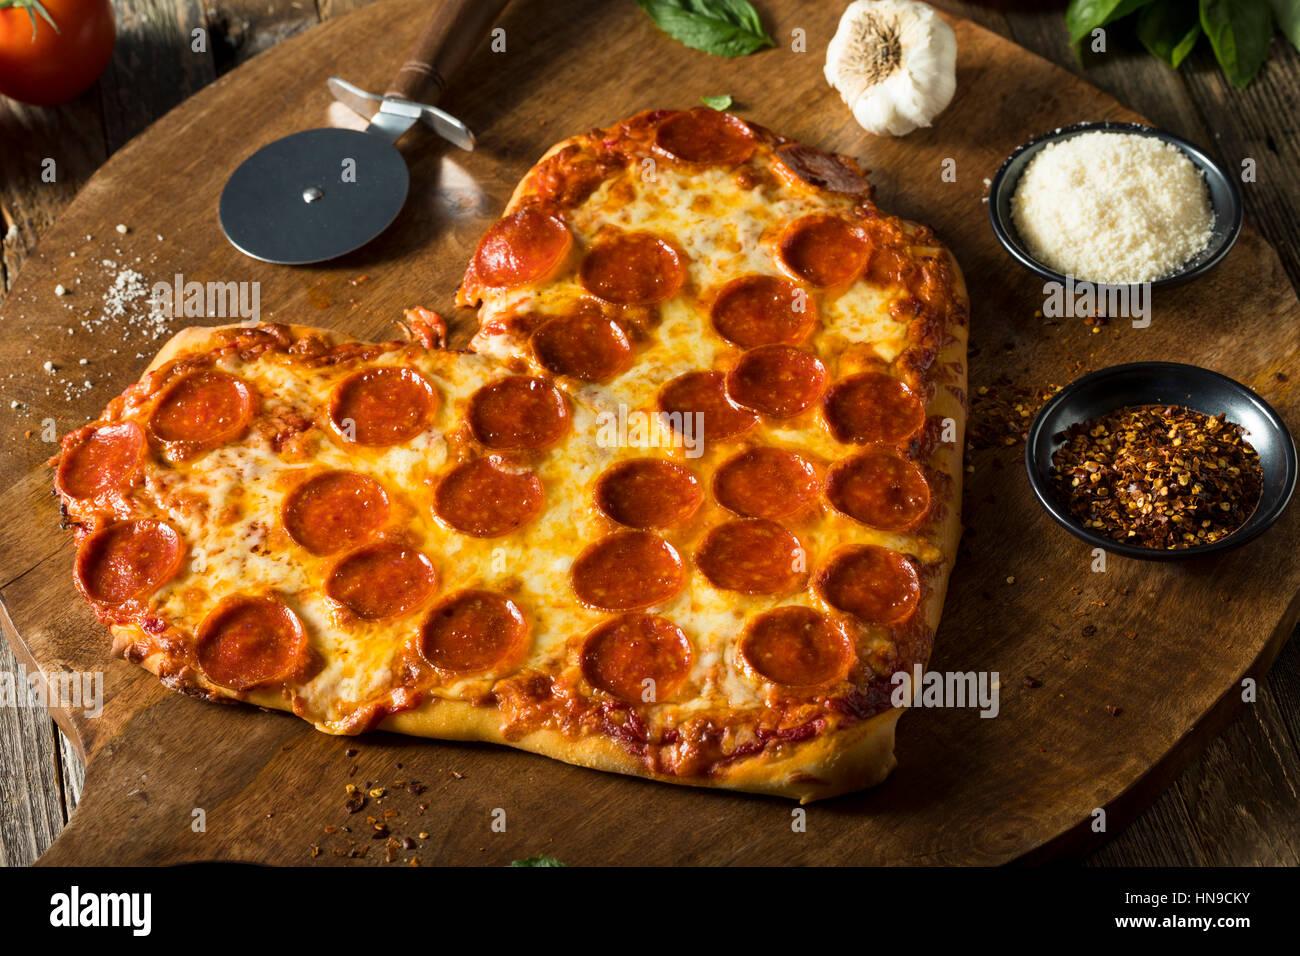 In casa a forma di cuore ad salsiccia per pizza pizza pronta da mangiare Immagini Stock